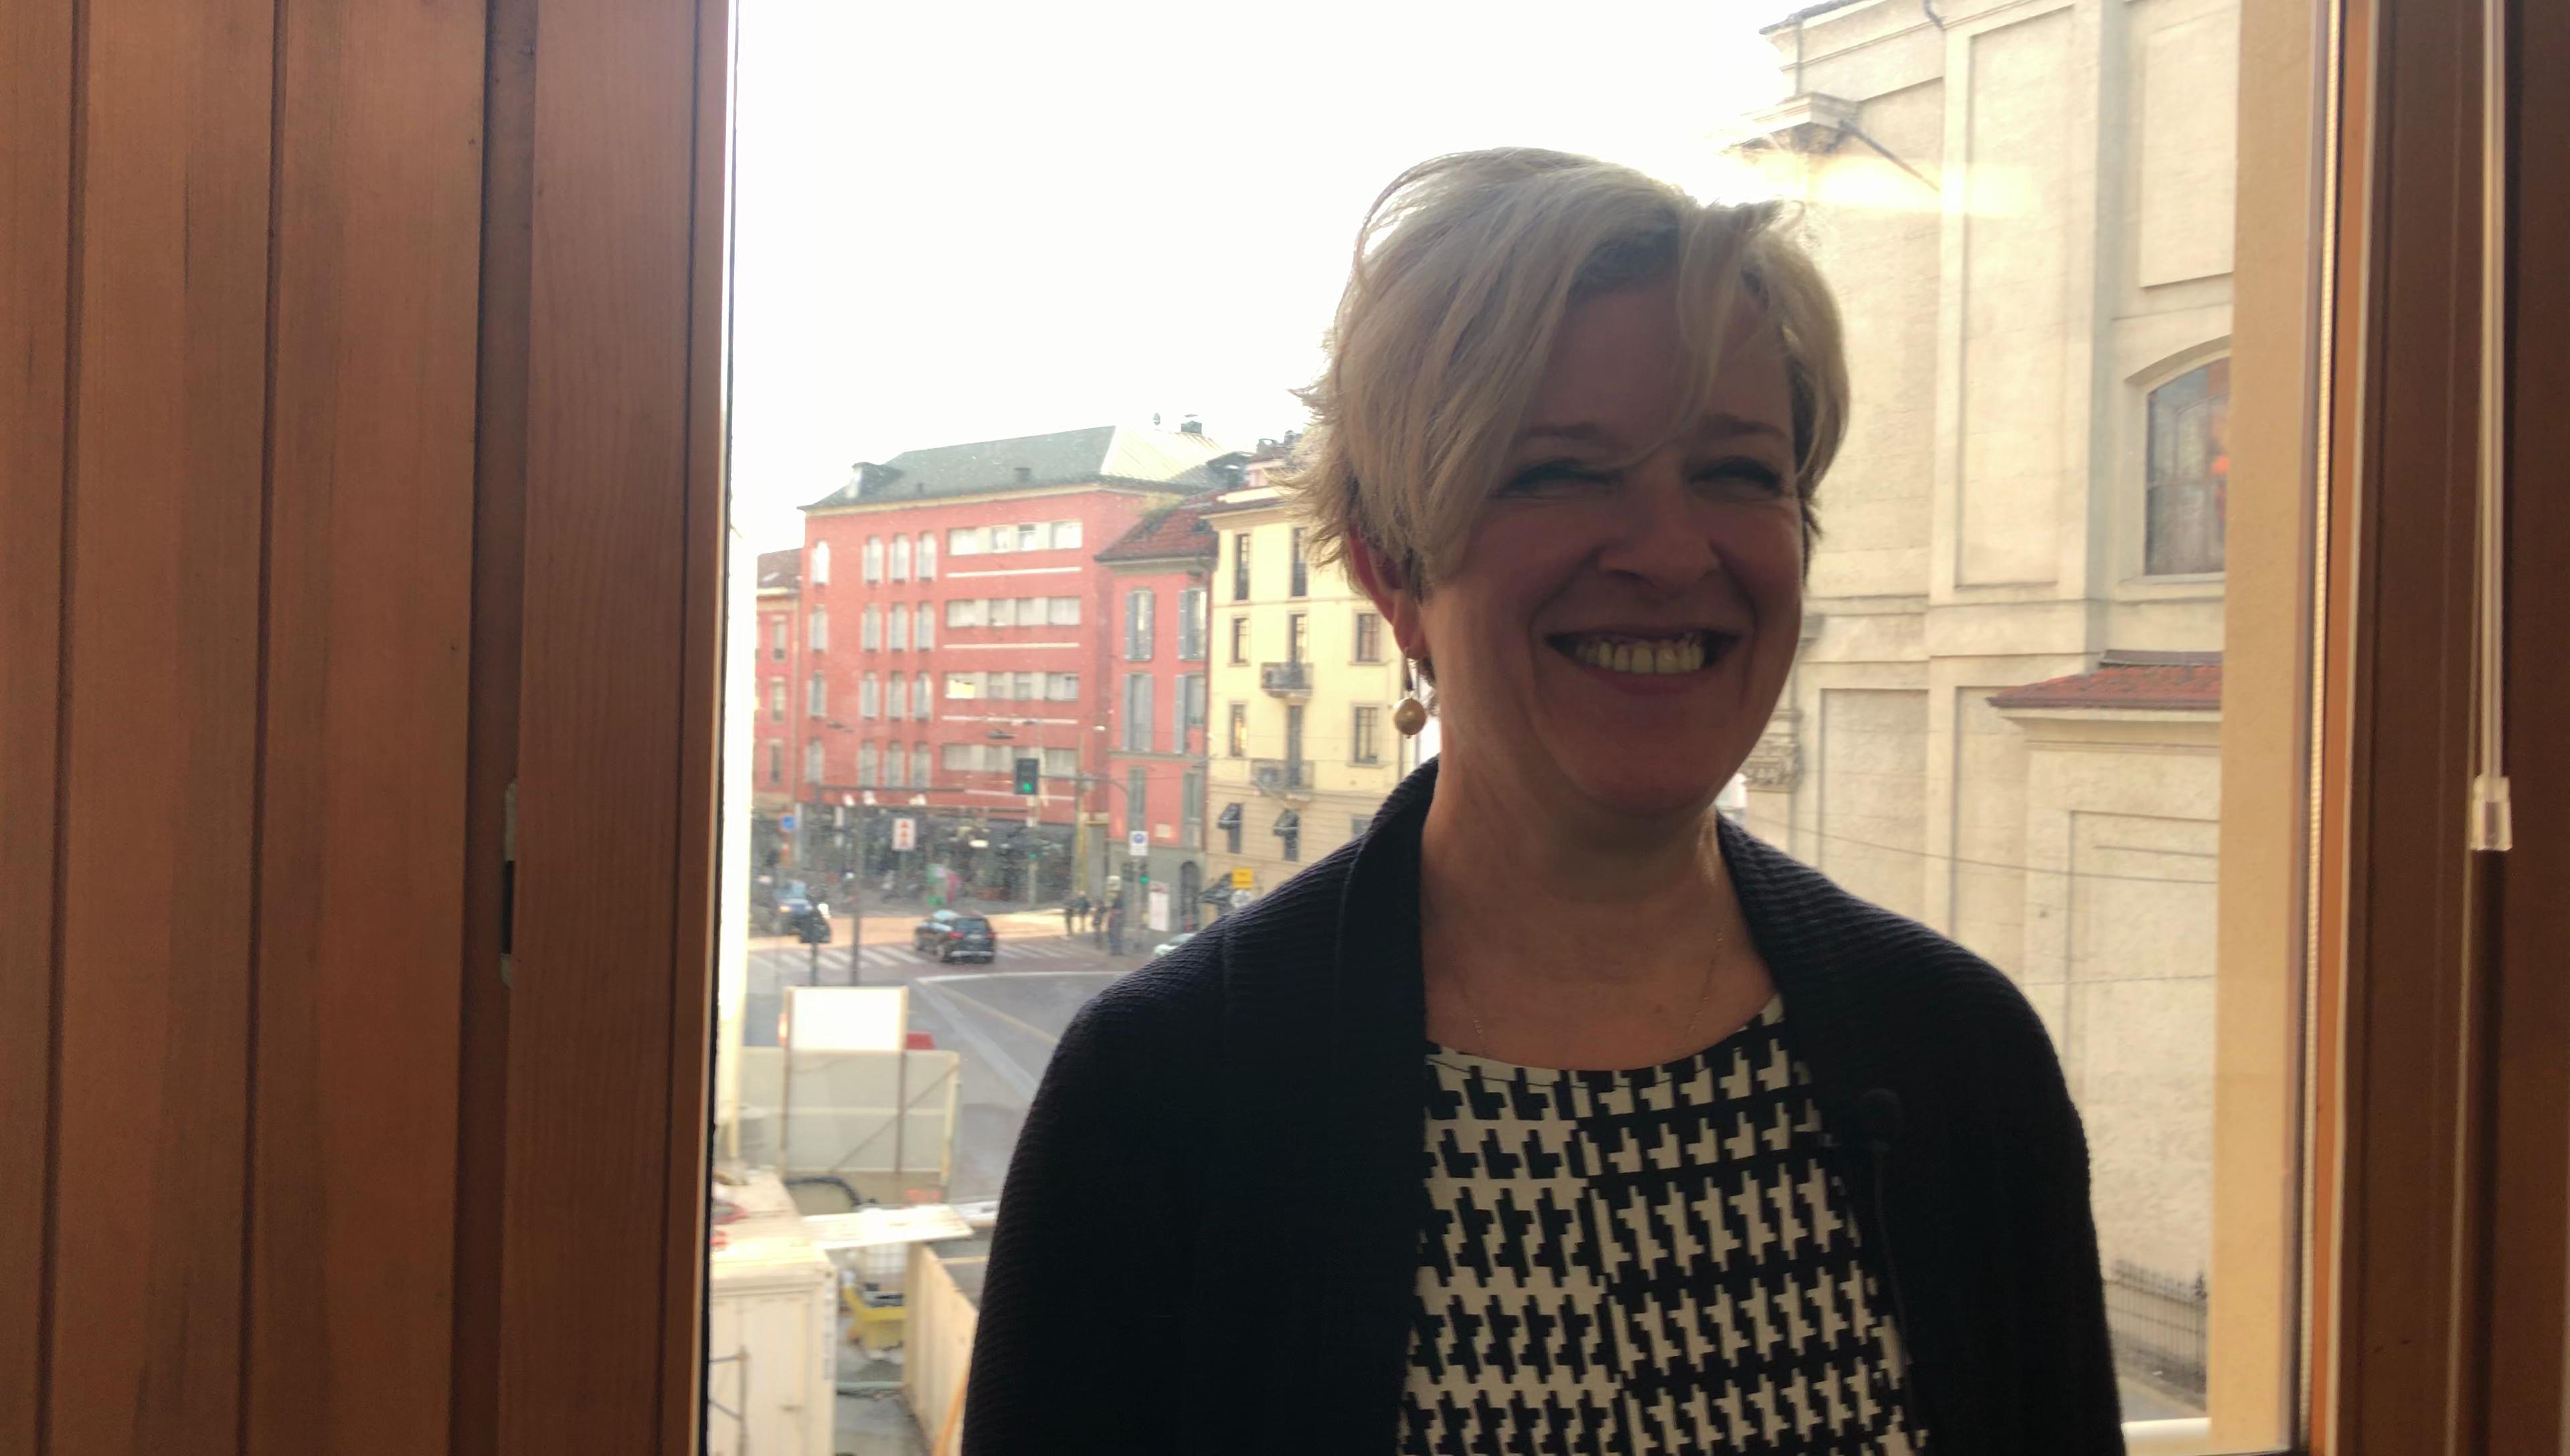 Rita Gallizzi è responsabile dell'area consumi, abusi e dipendenze di Cooperativa Lotta all'emarginazione